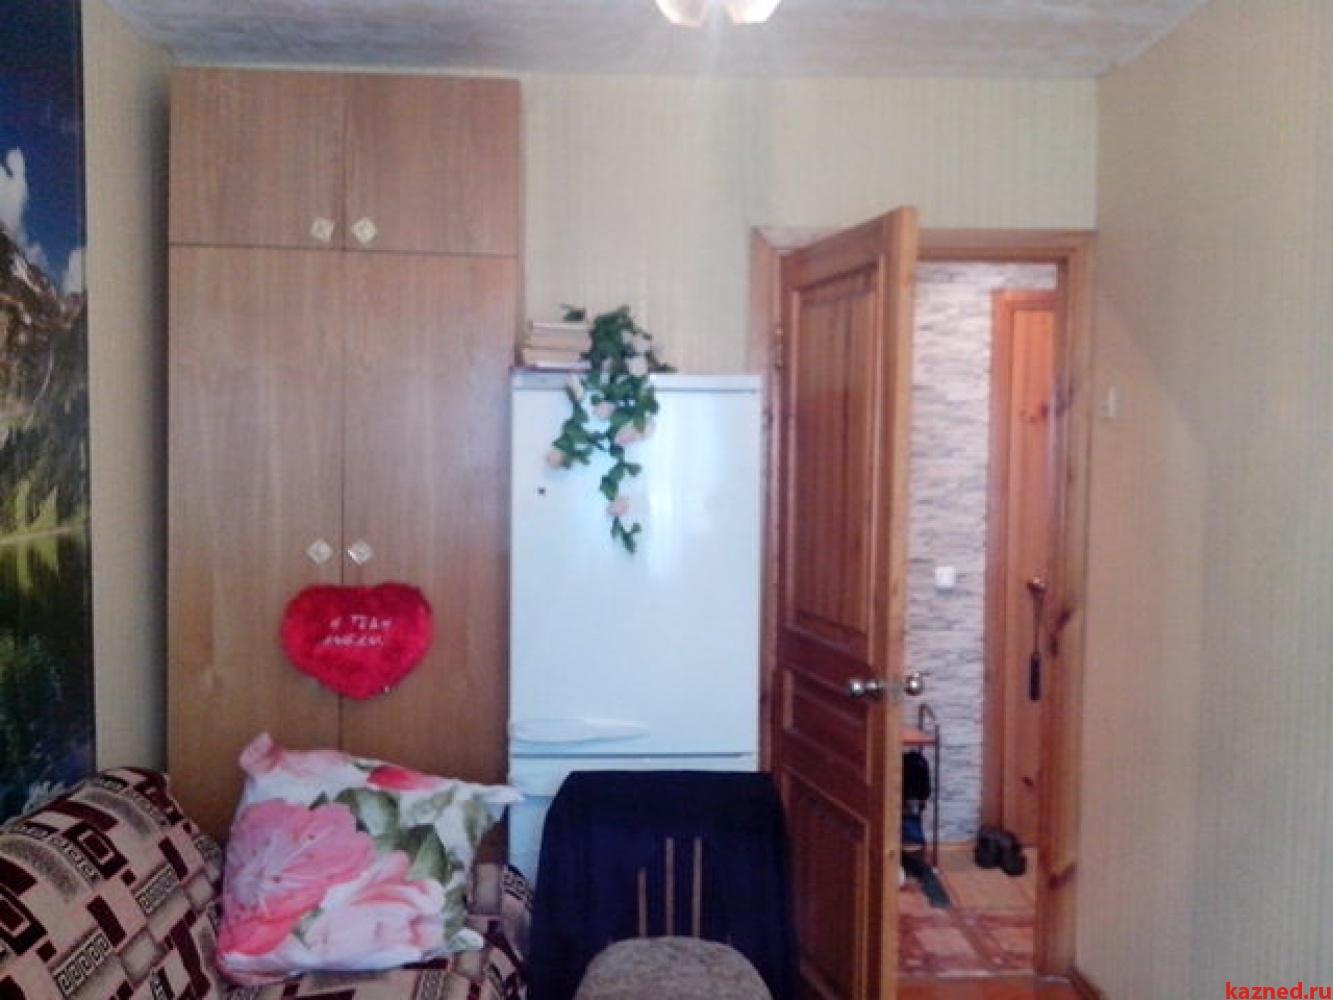 Продажа 3-к квартиры Юбилейная, 4, 56 м2  (миниатюра №6)